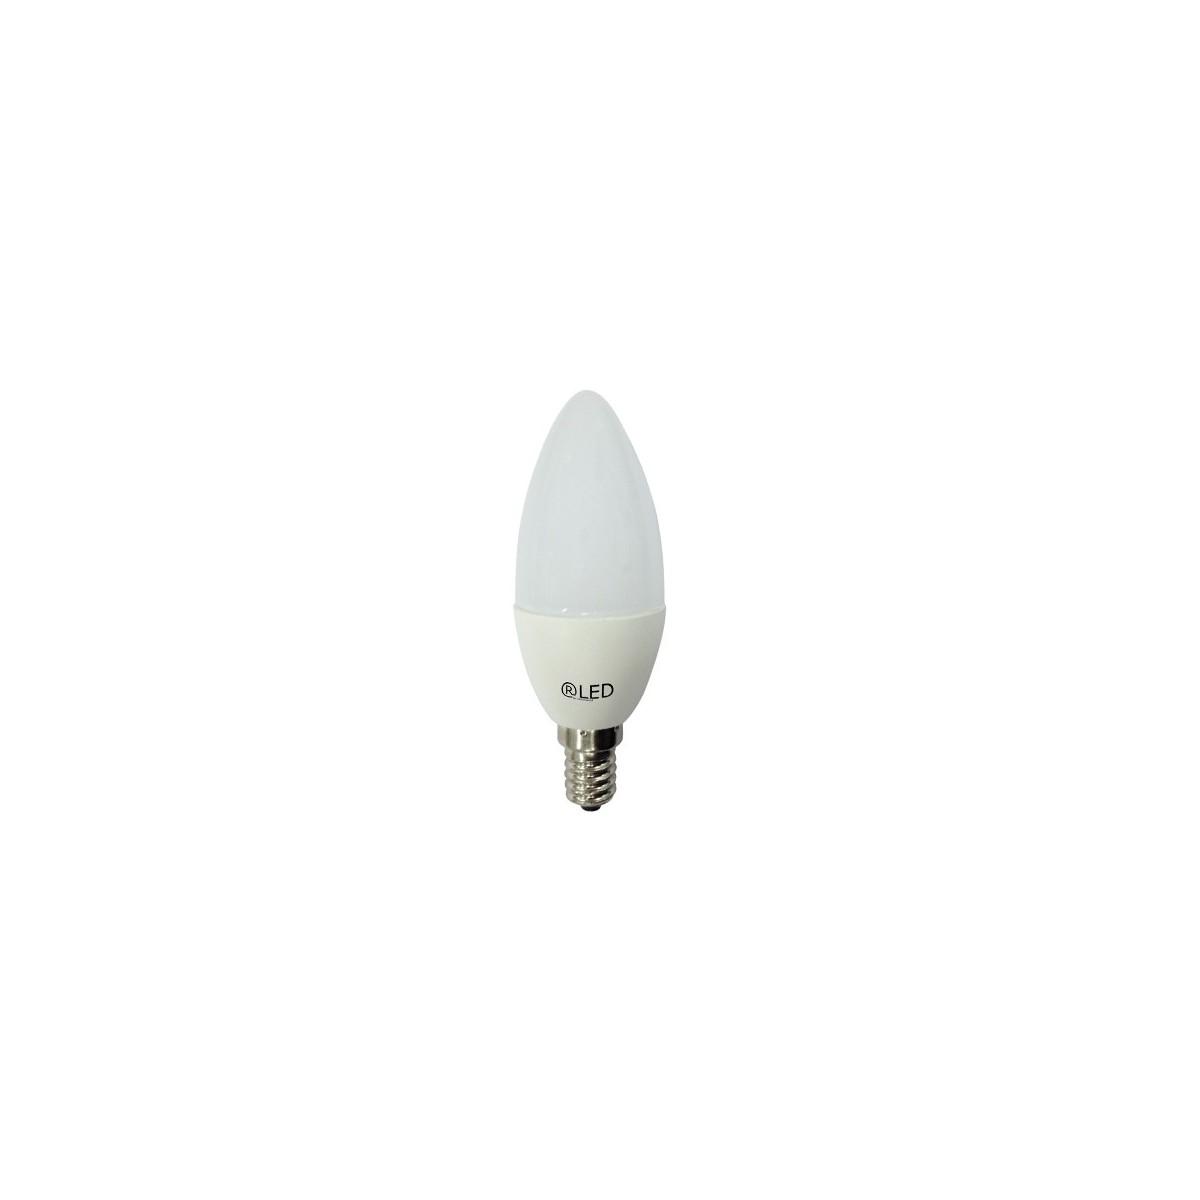 LED Bulb Candle C37 E14 6W 2700K